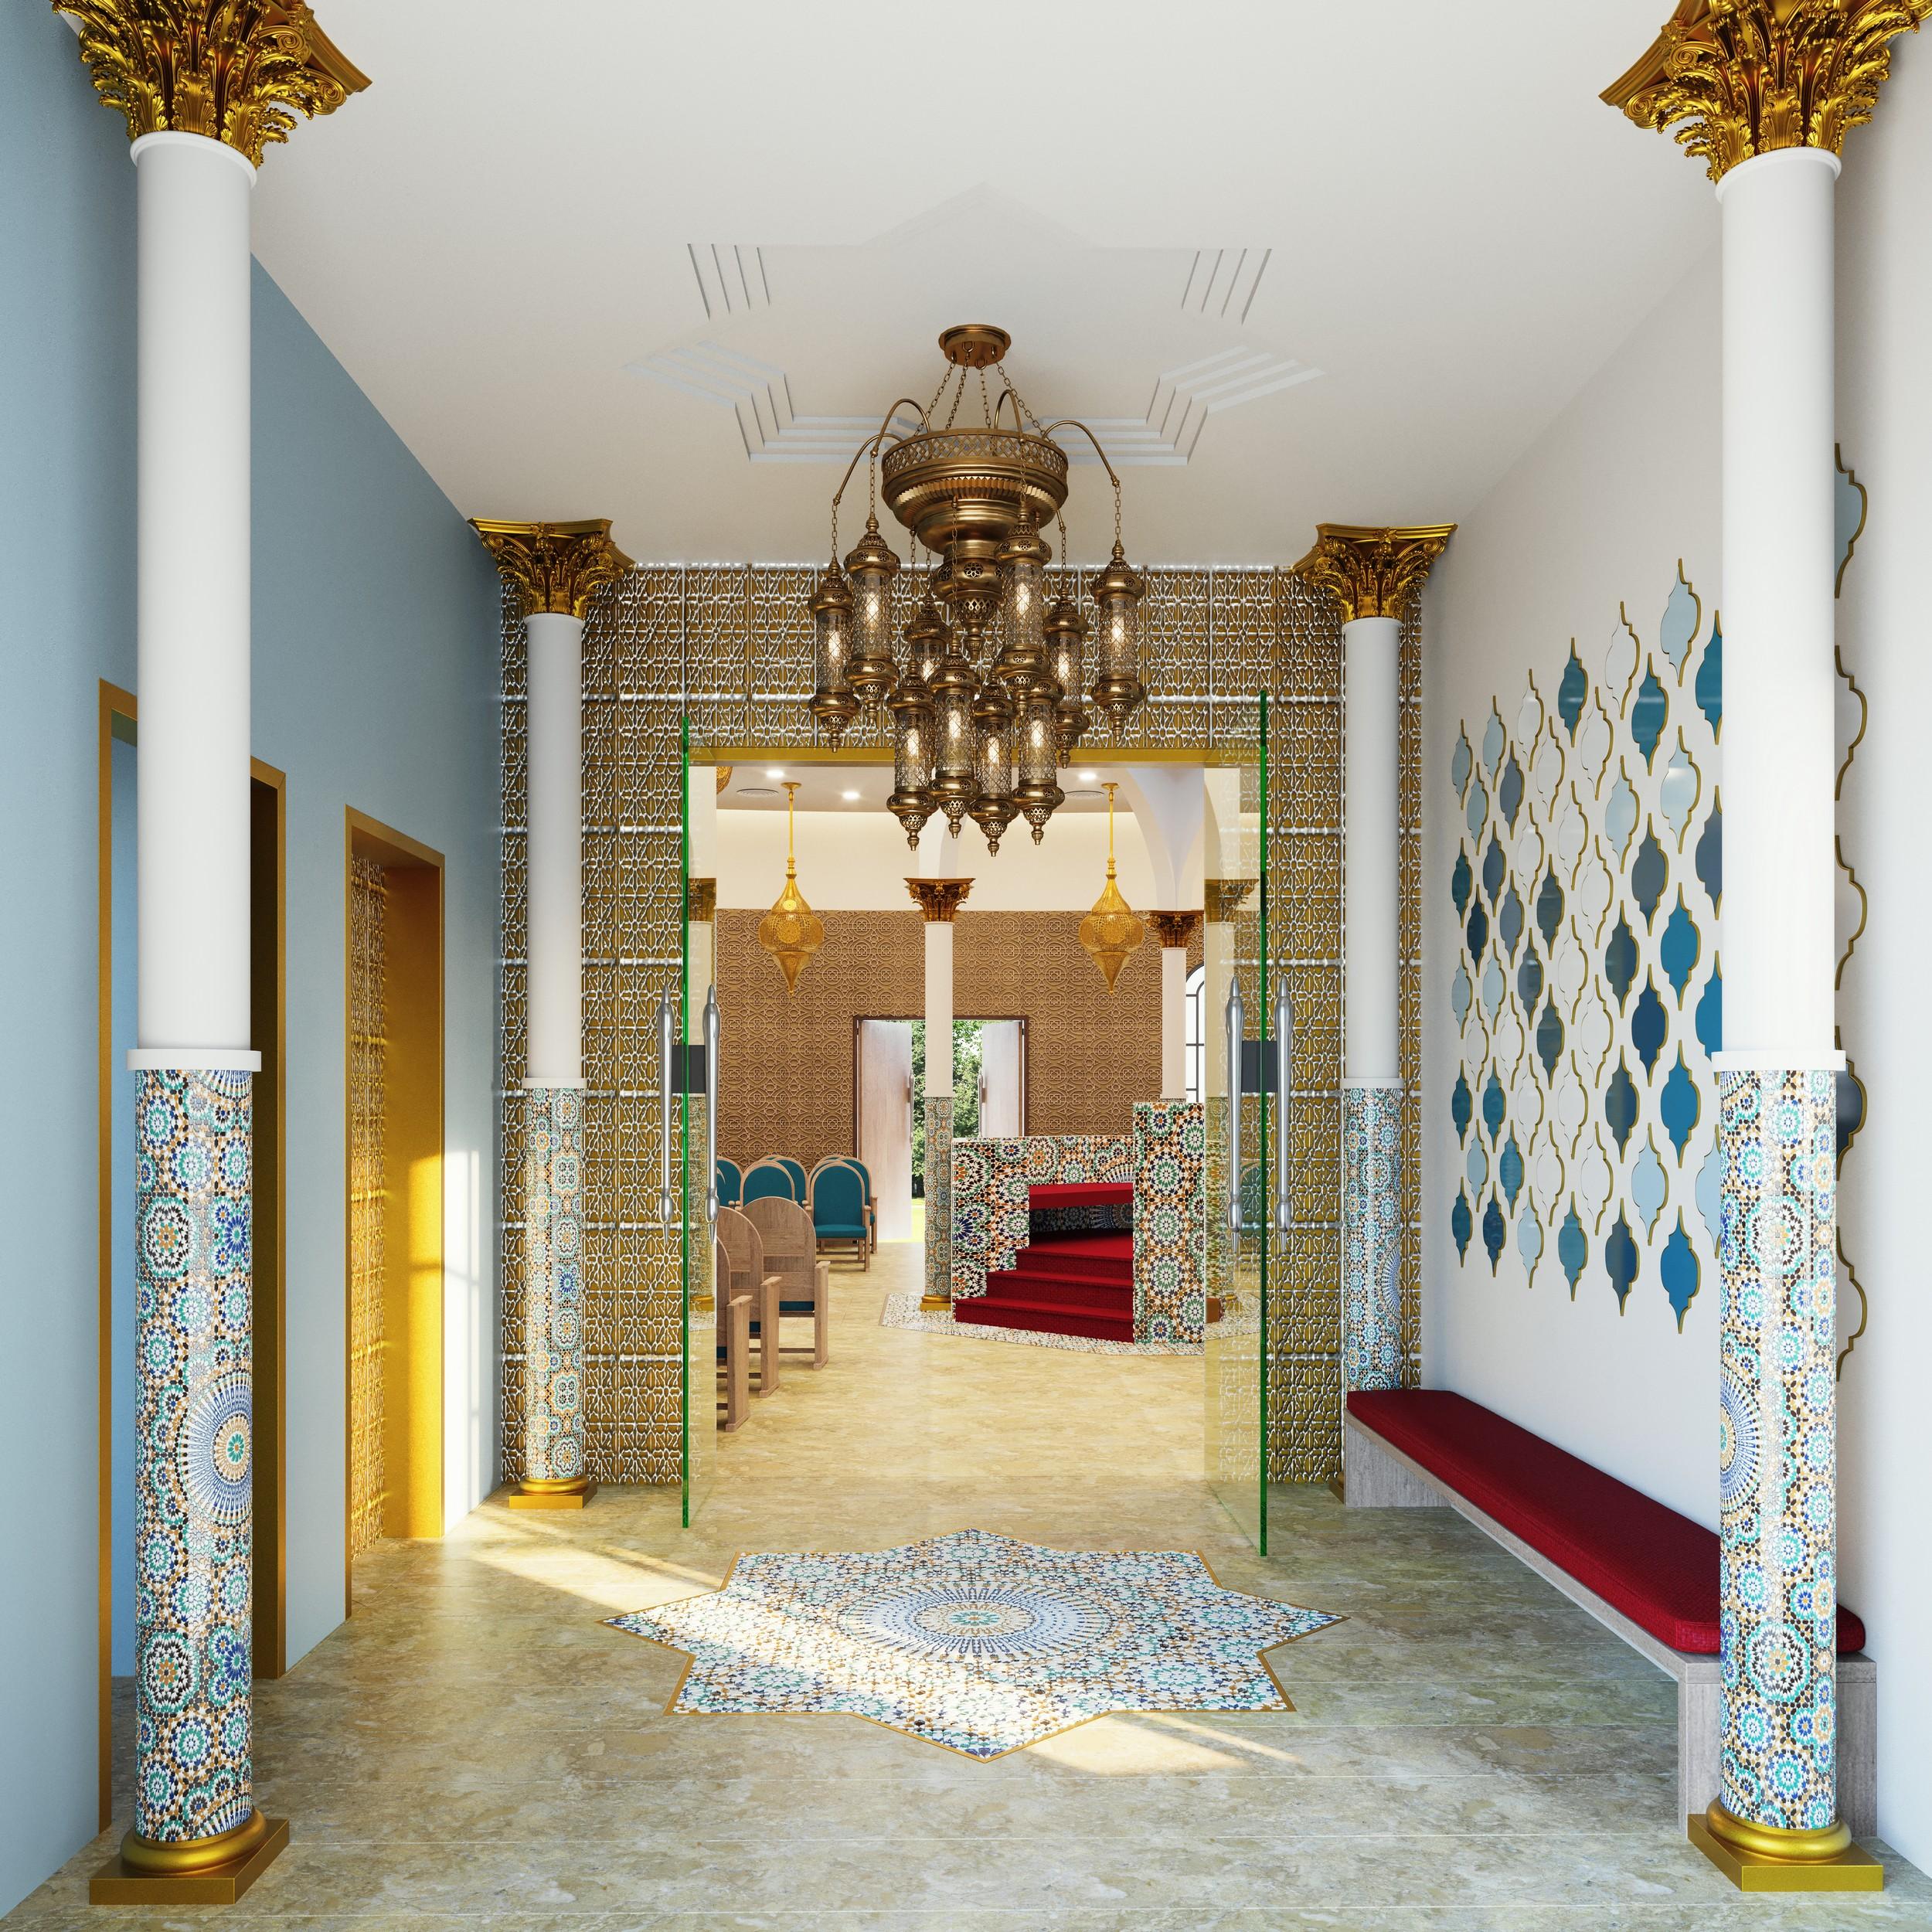 בית כנסת מרקש בעפולה - ריקי גרוזמן - לובי בעיצוב מרוקו מרקש